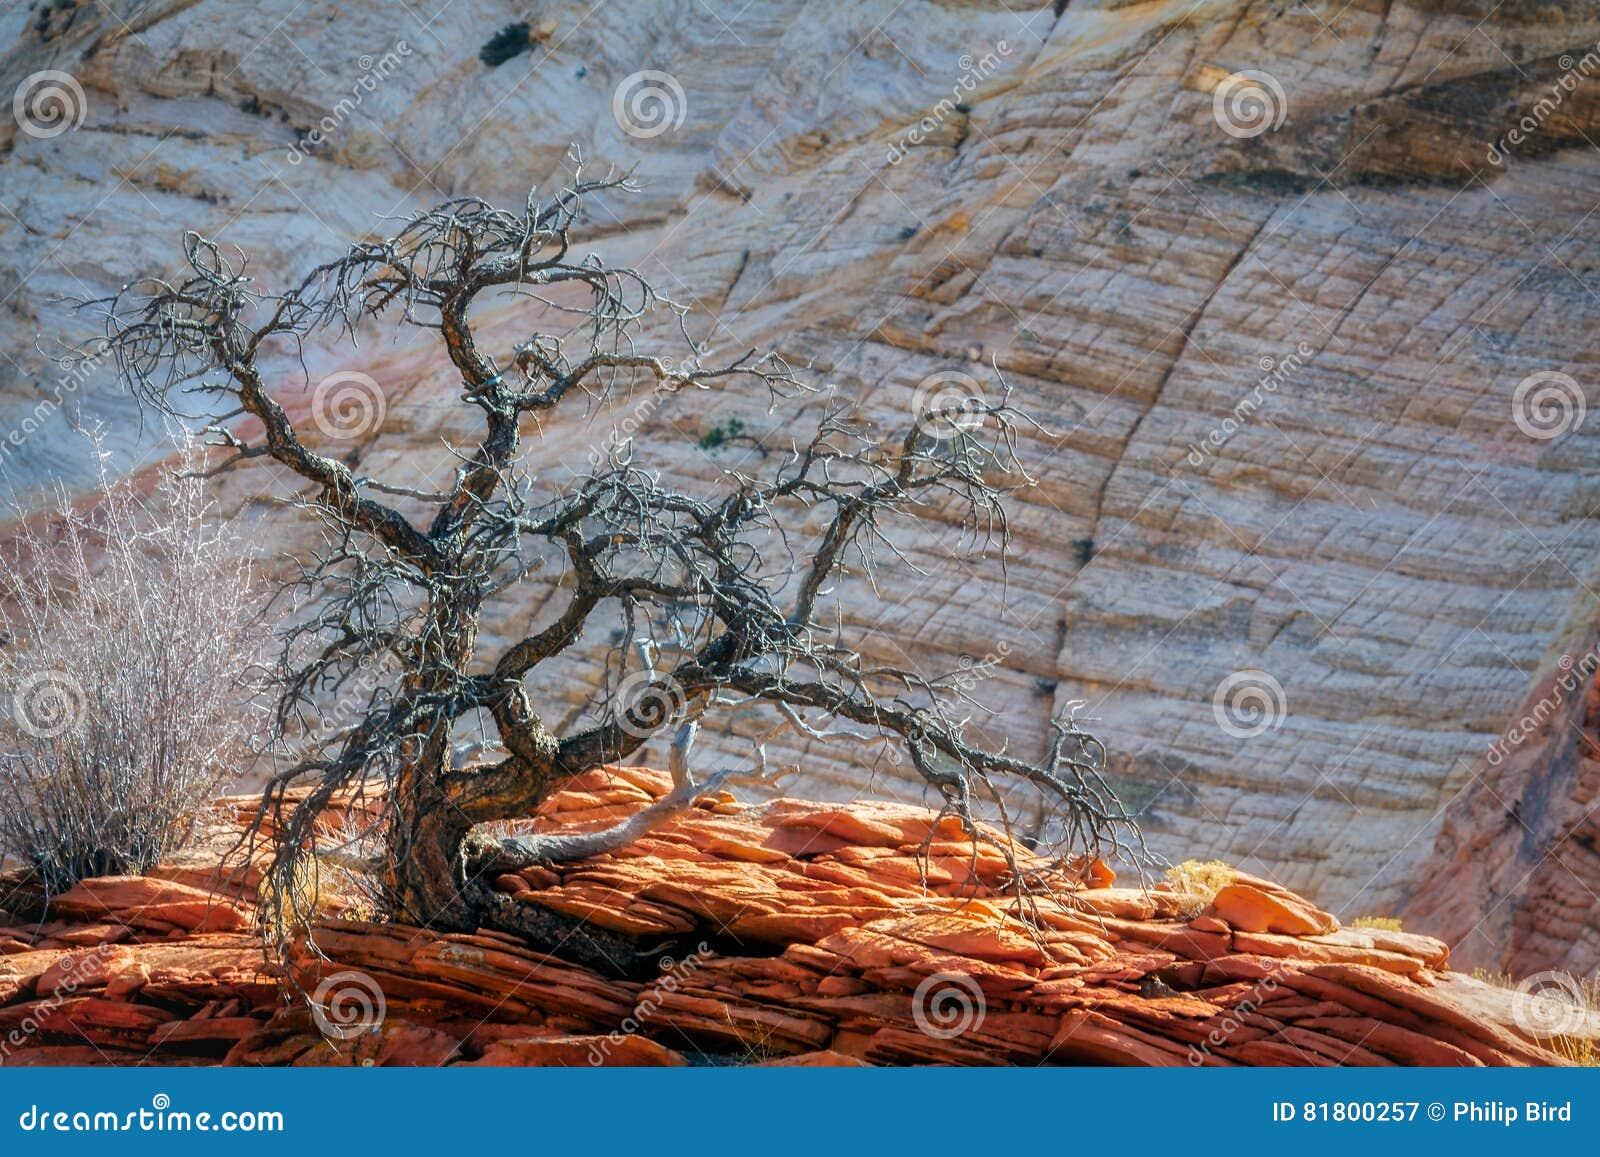 Мертвое дерево на скалистом выходе на поверхность в Сионе